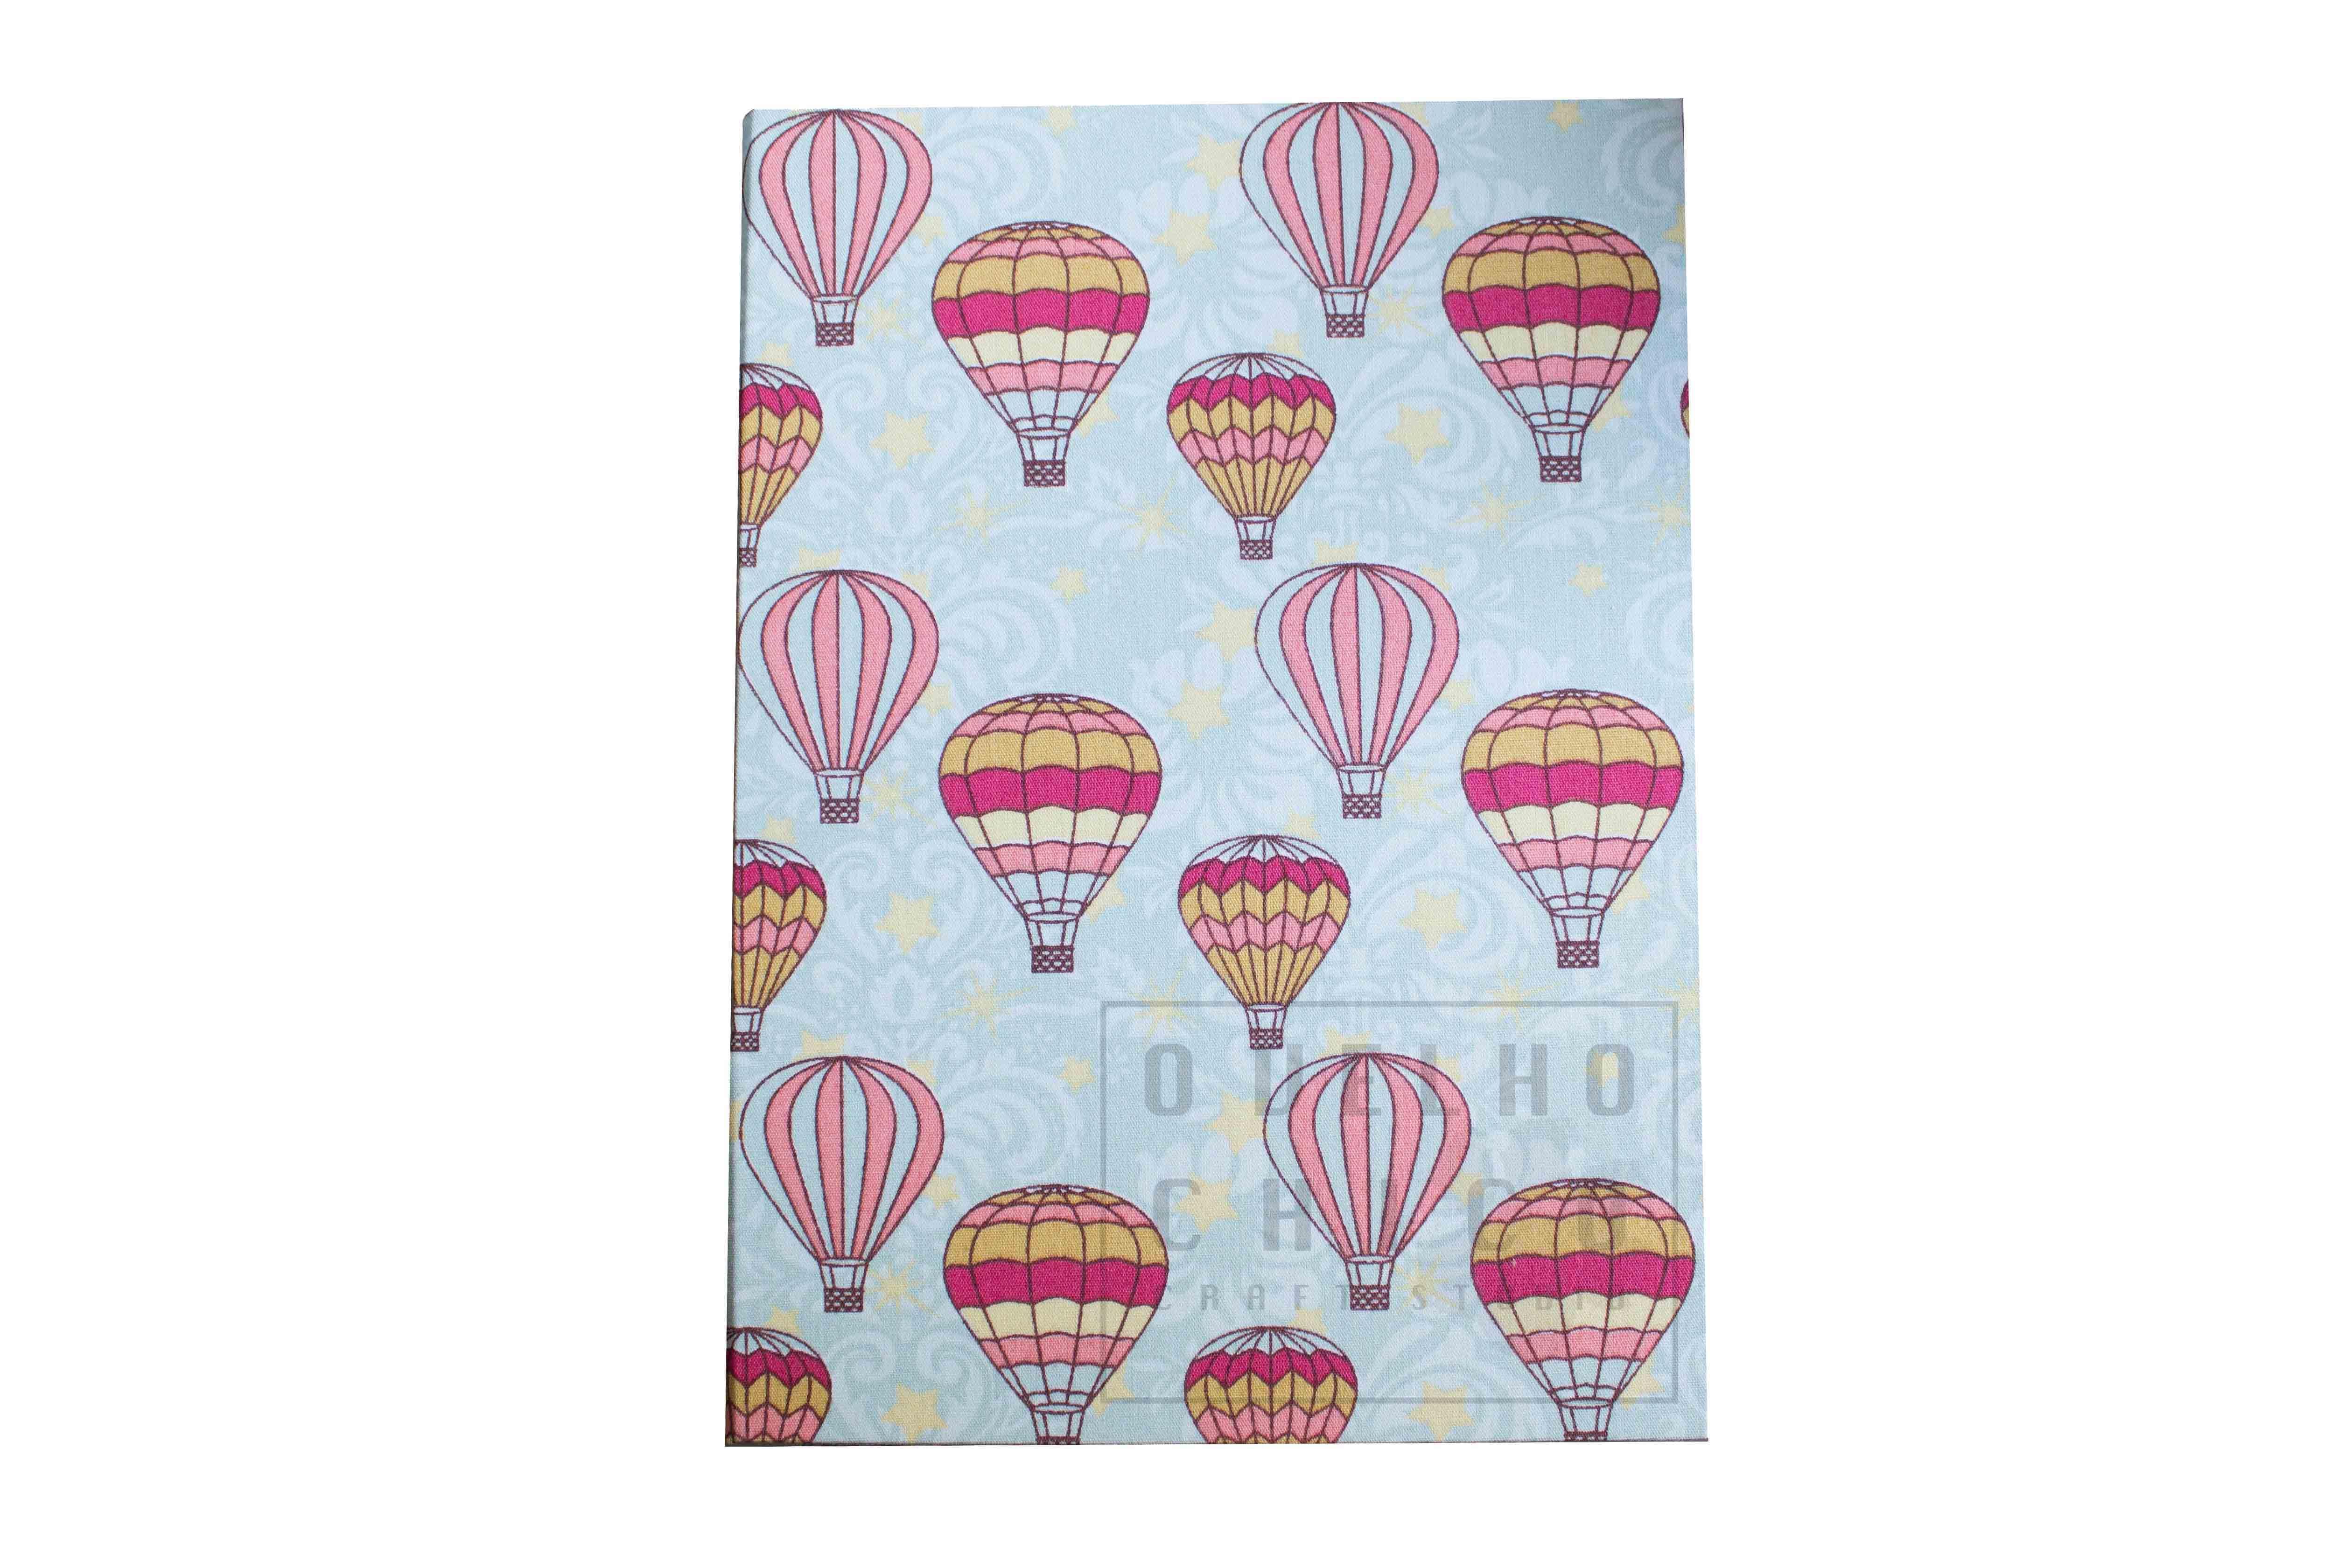 Caderno costura Longstitch com capa em tecido de algodão. Esse tecido possui estampa de balões coloridos, alegre e divertido!